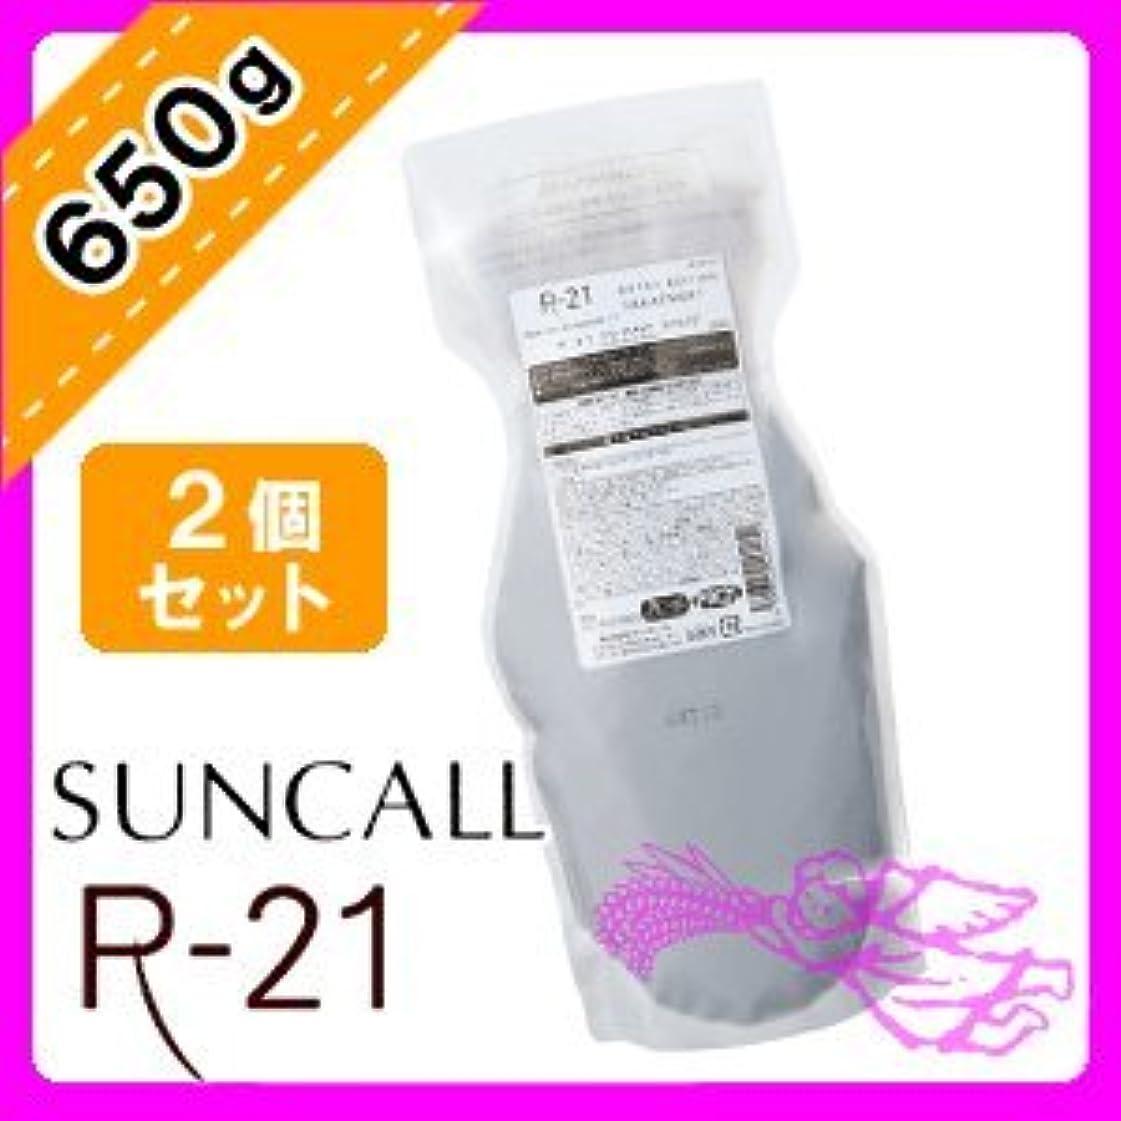 表向き近似序文サンコール R-21 トリートメント エクストラ 650g × 2個 セット 詰め替え用 つや感あるサラサラした指どおりの良い仕上がり SUNCALL R-21